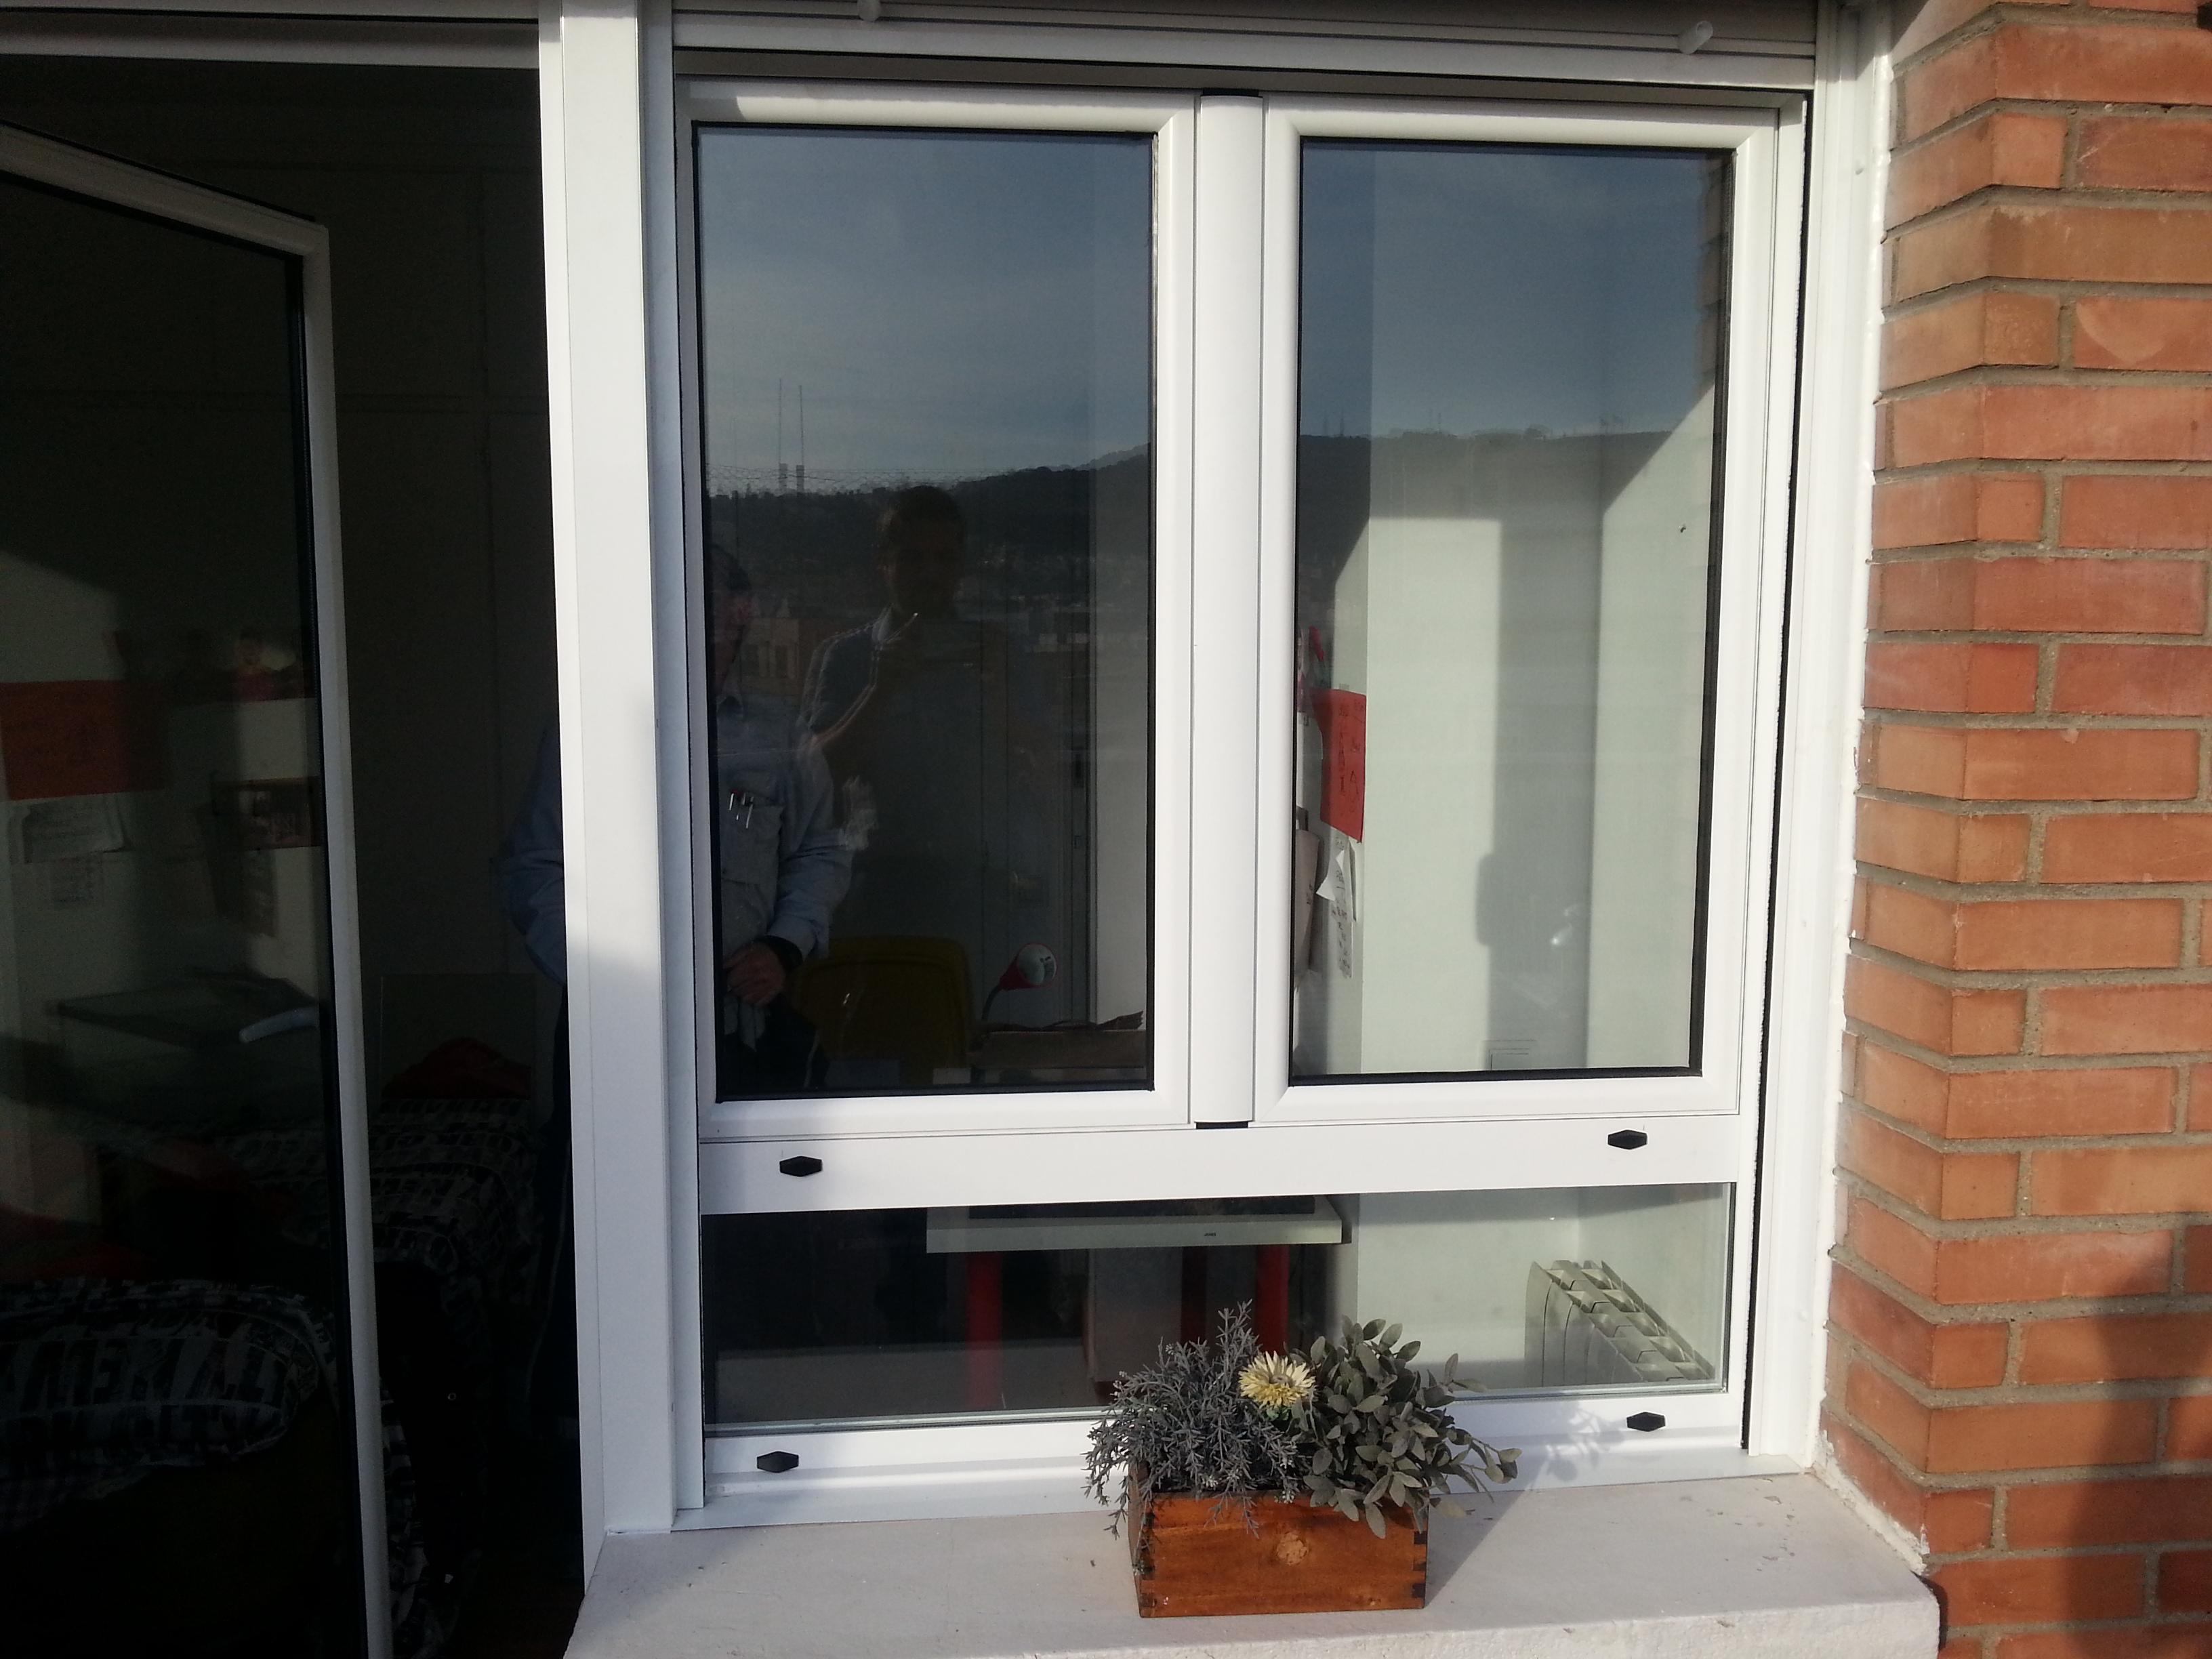 Ventanas de aluminio lacado blanco abisagradas con fijo for Puertas y ventanas de aluminio blanco precios